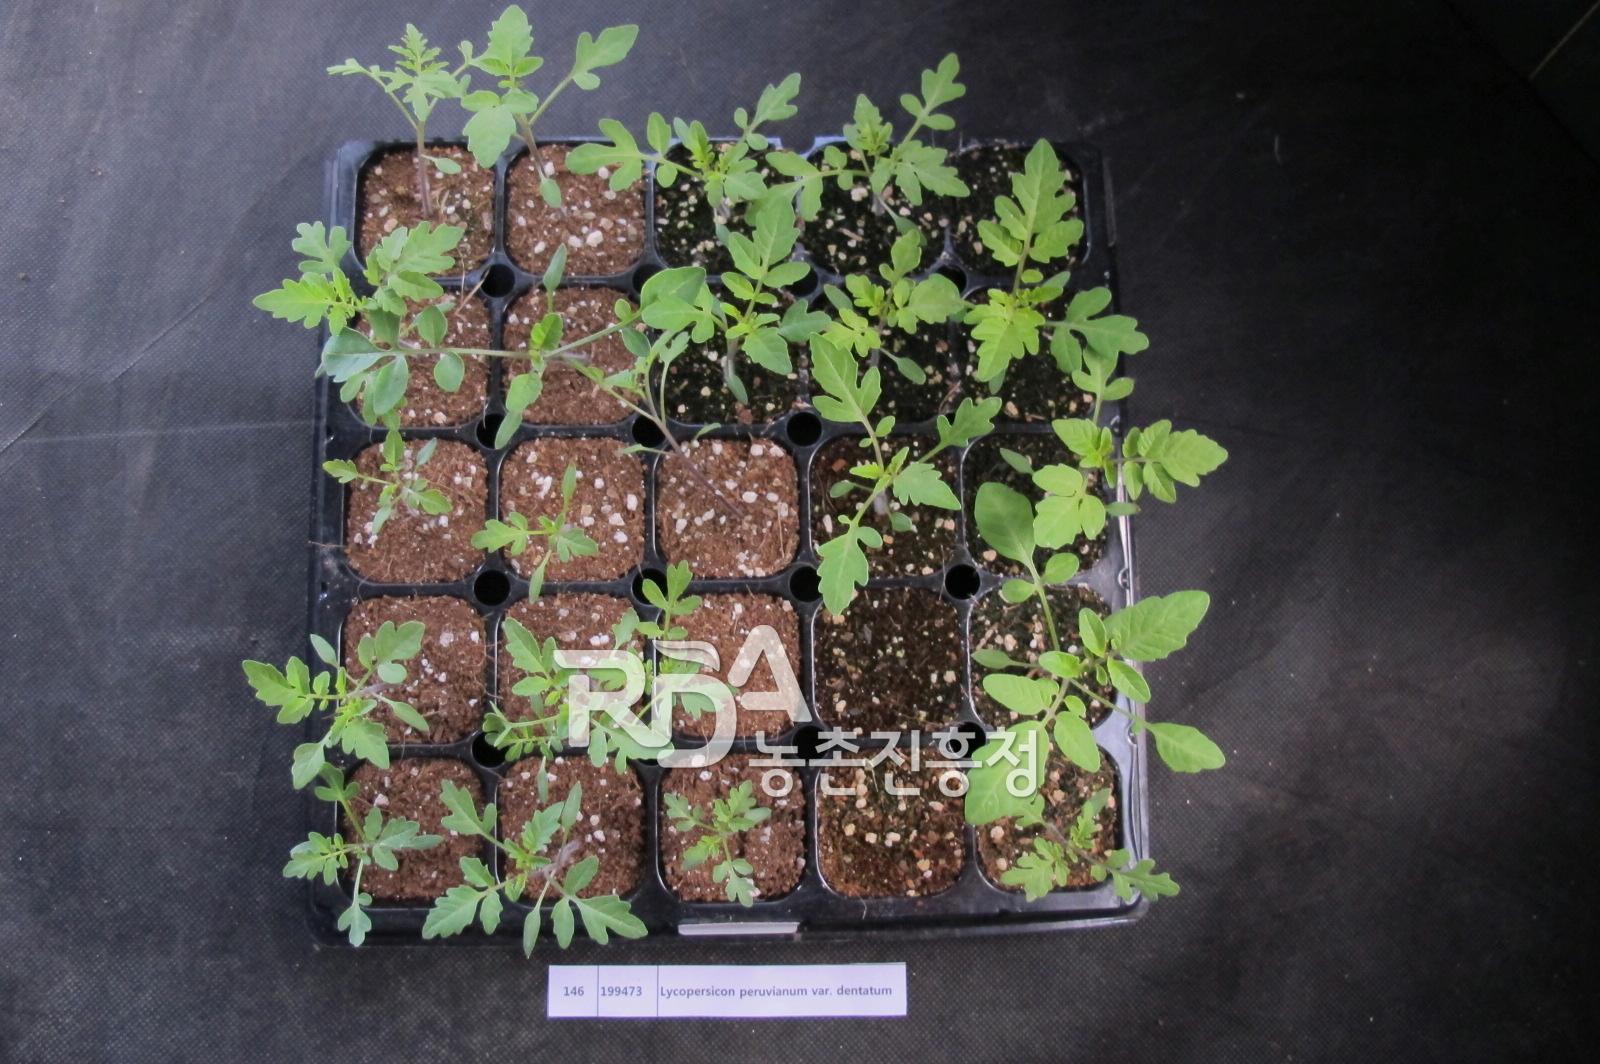 Lycopersicon peruvianum subsp. dentatum(토마토야생종) 대표 이미지